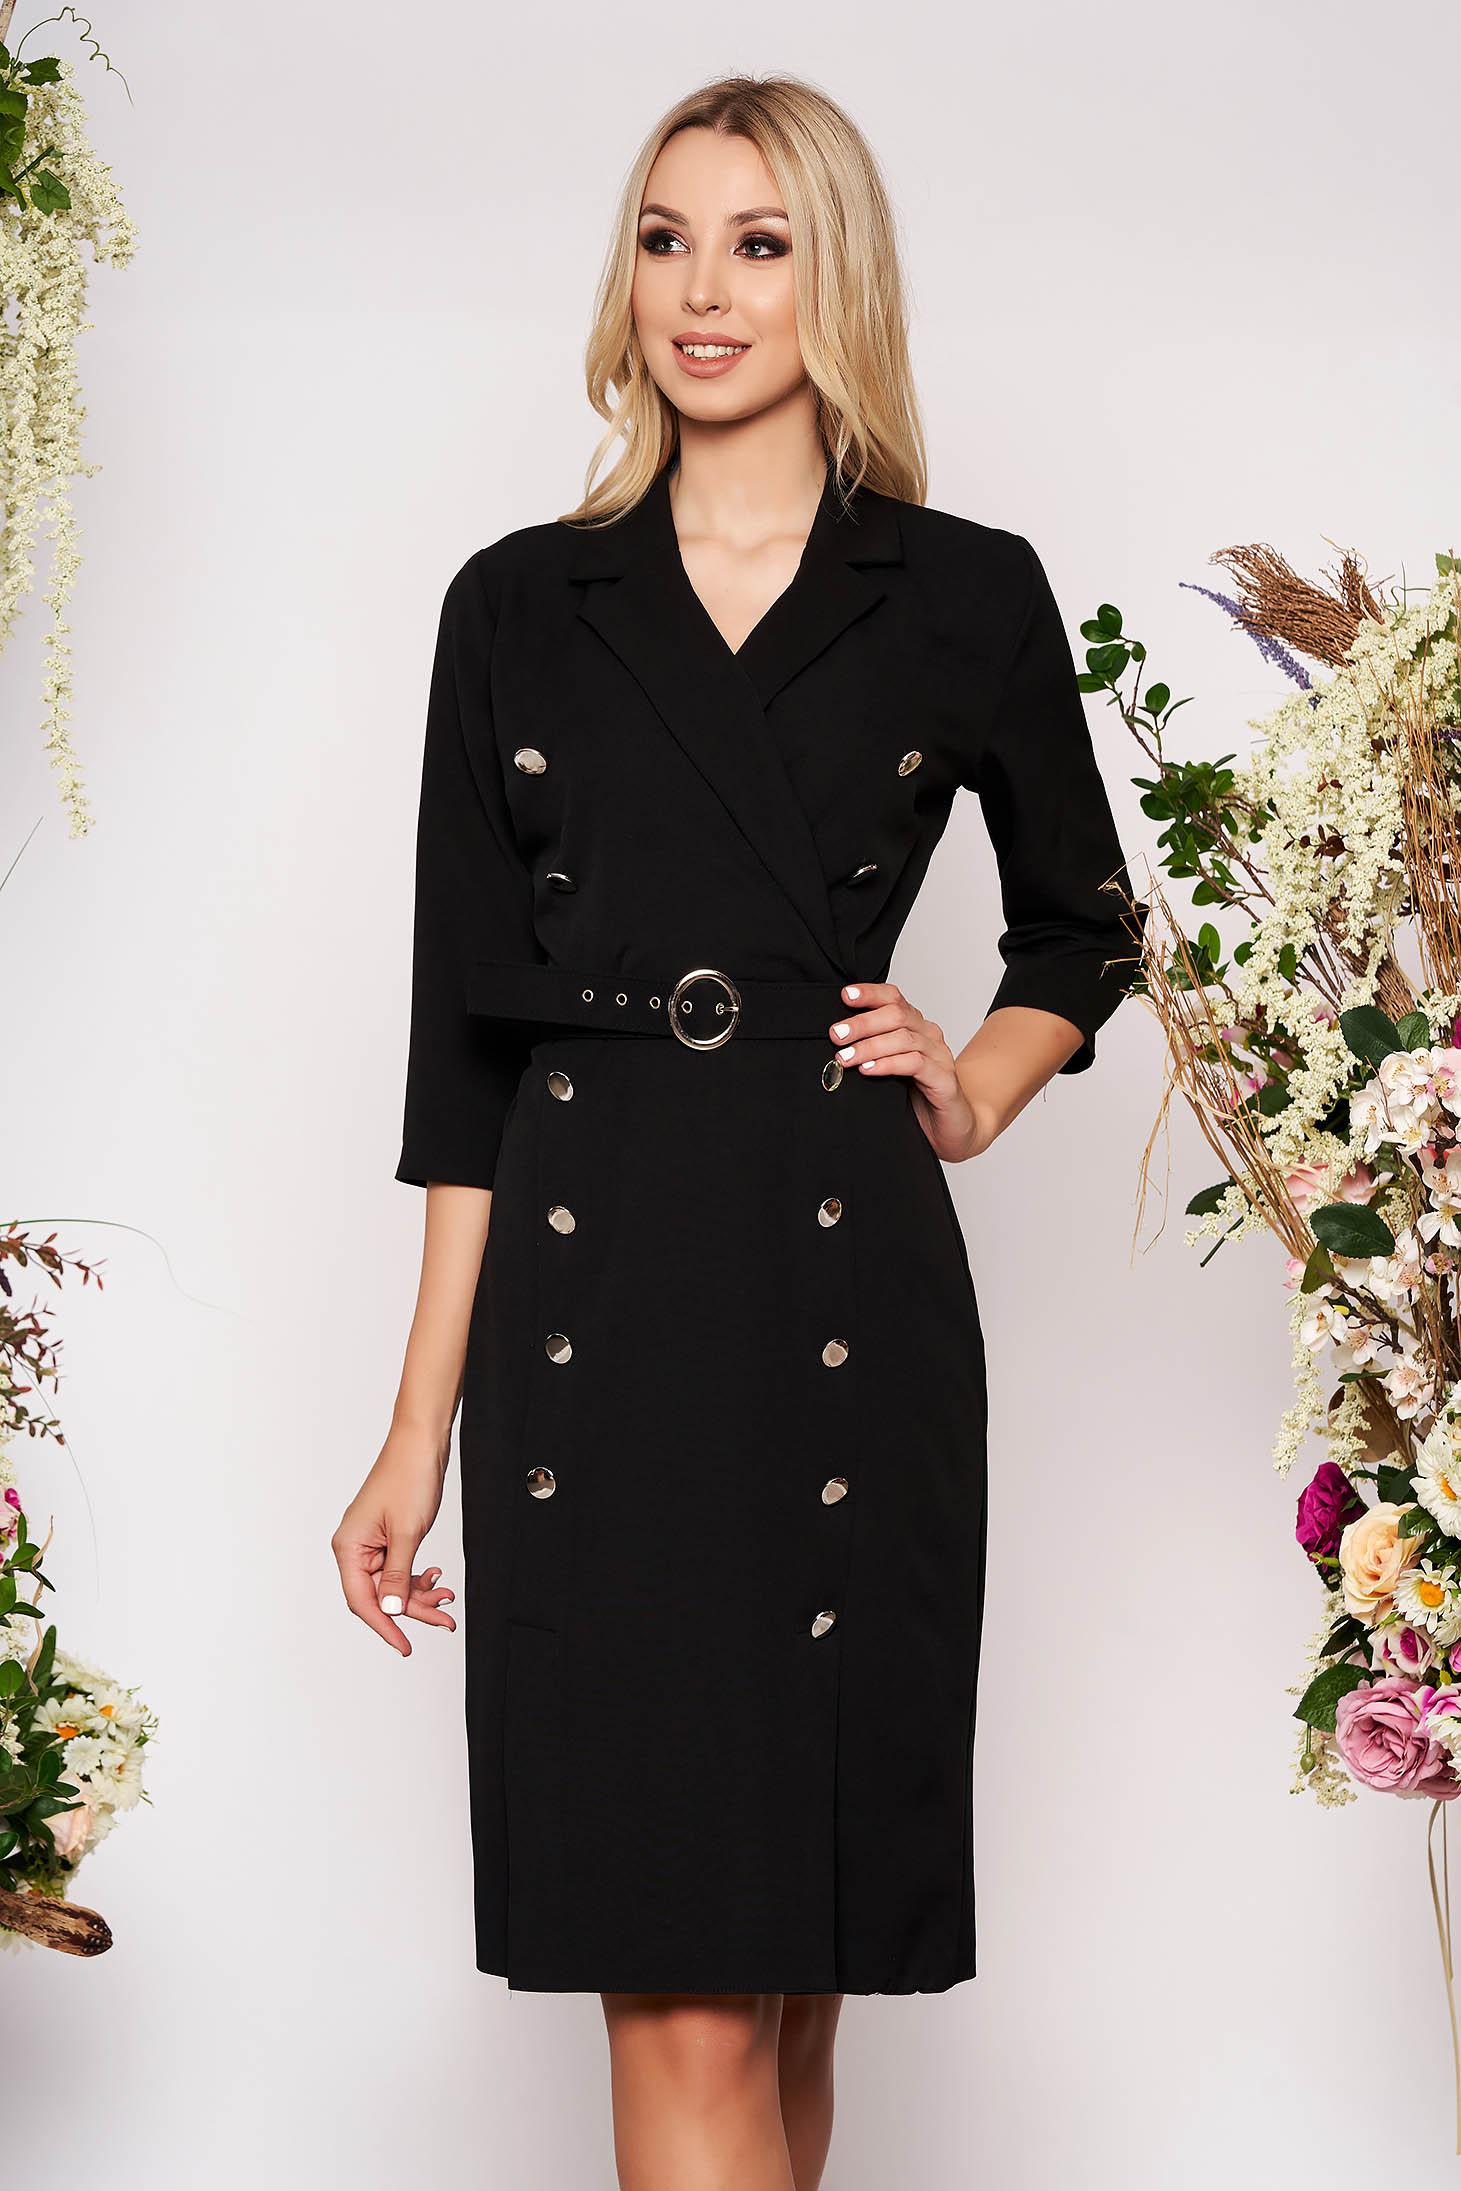 Rochie neagra midi eleganta tip creion din stofa subtire cu maneci trei-sferturi si accesoriu tip curea